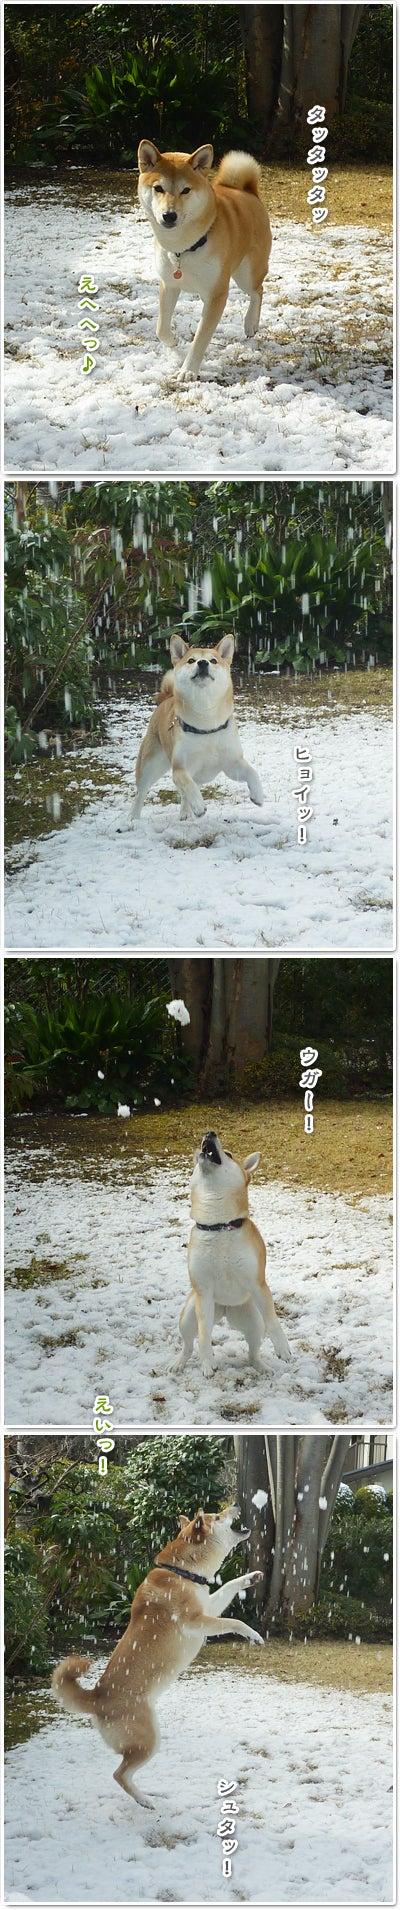 あたち柴犬 抹茶だヨ!  - 伊賀忍者柴犬の道 --120201_p6雪食い合戦